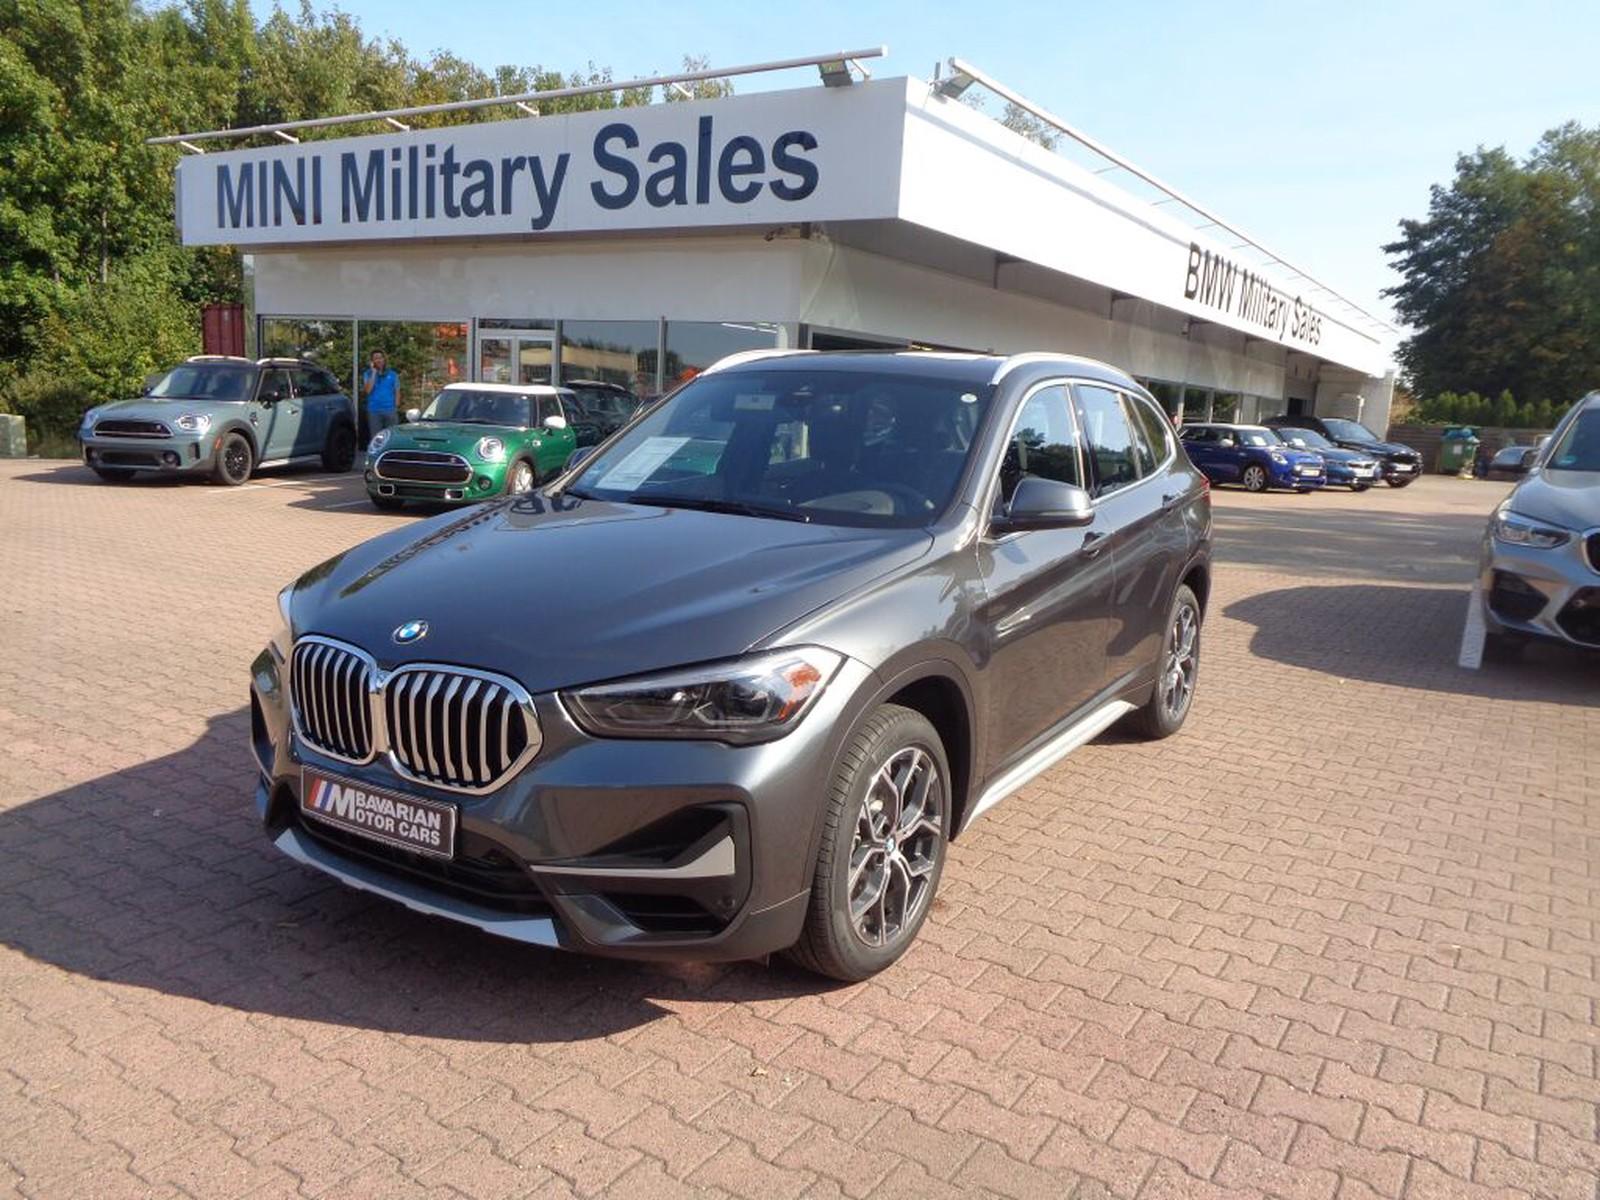 Bmw X1 Xdrive28i Tax Free Military Sales In Kaiserslautern Price 35995 Usd Int Nr U 16713 Sold